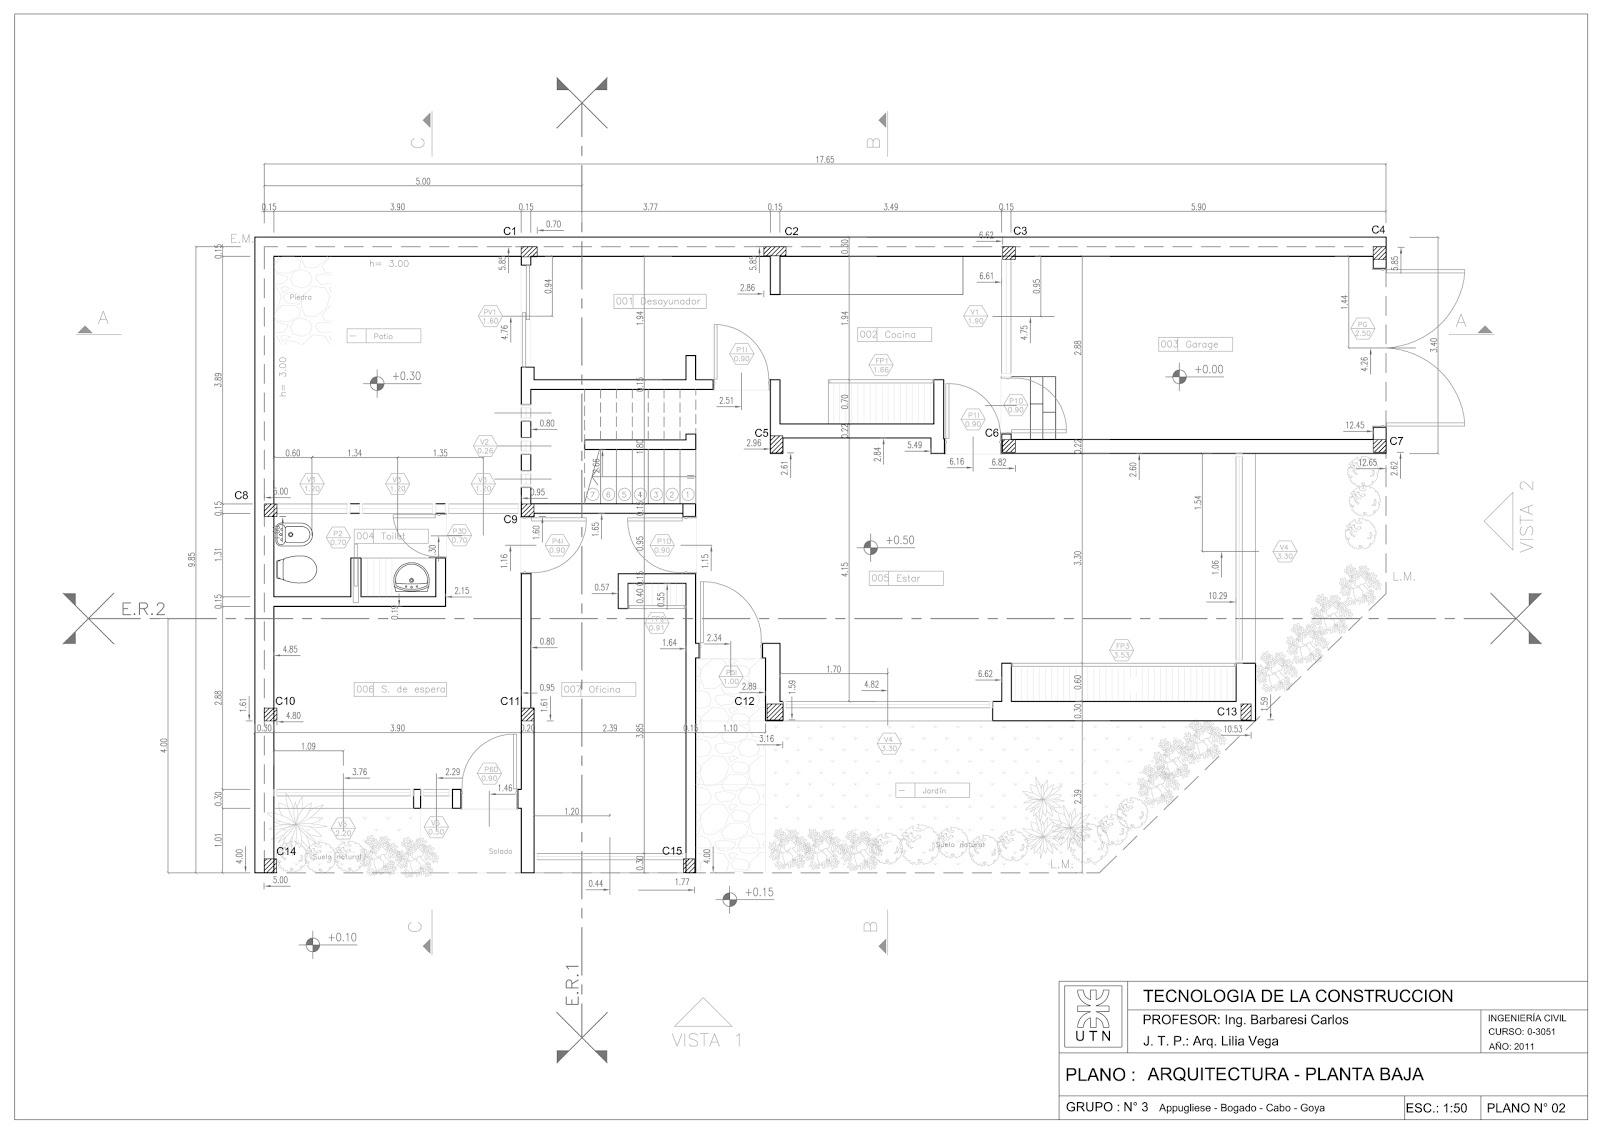 Detalles Constructivos Cad Plano Replanteo Arquitectura Y